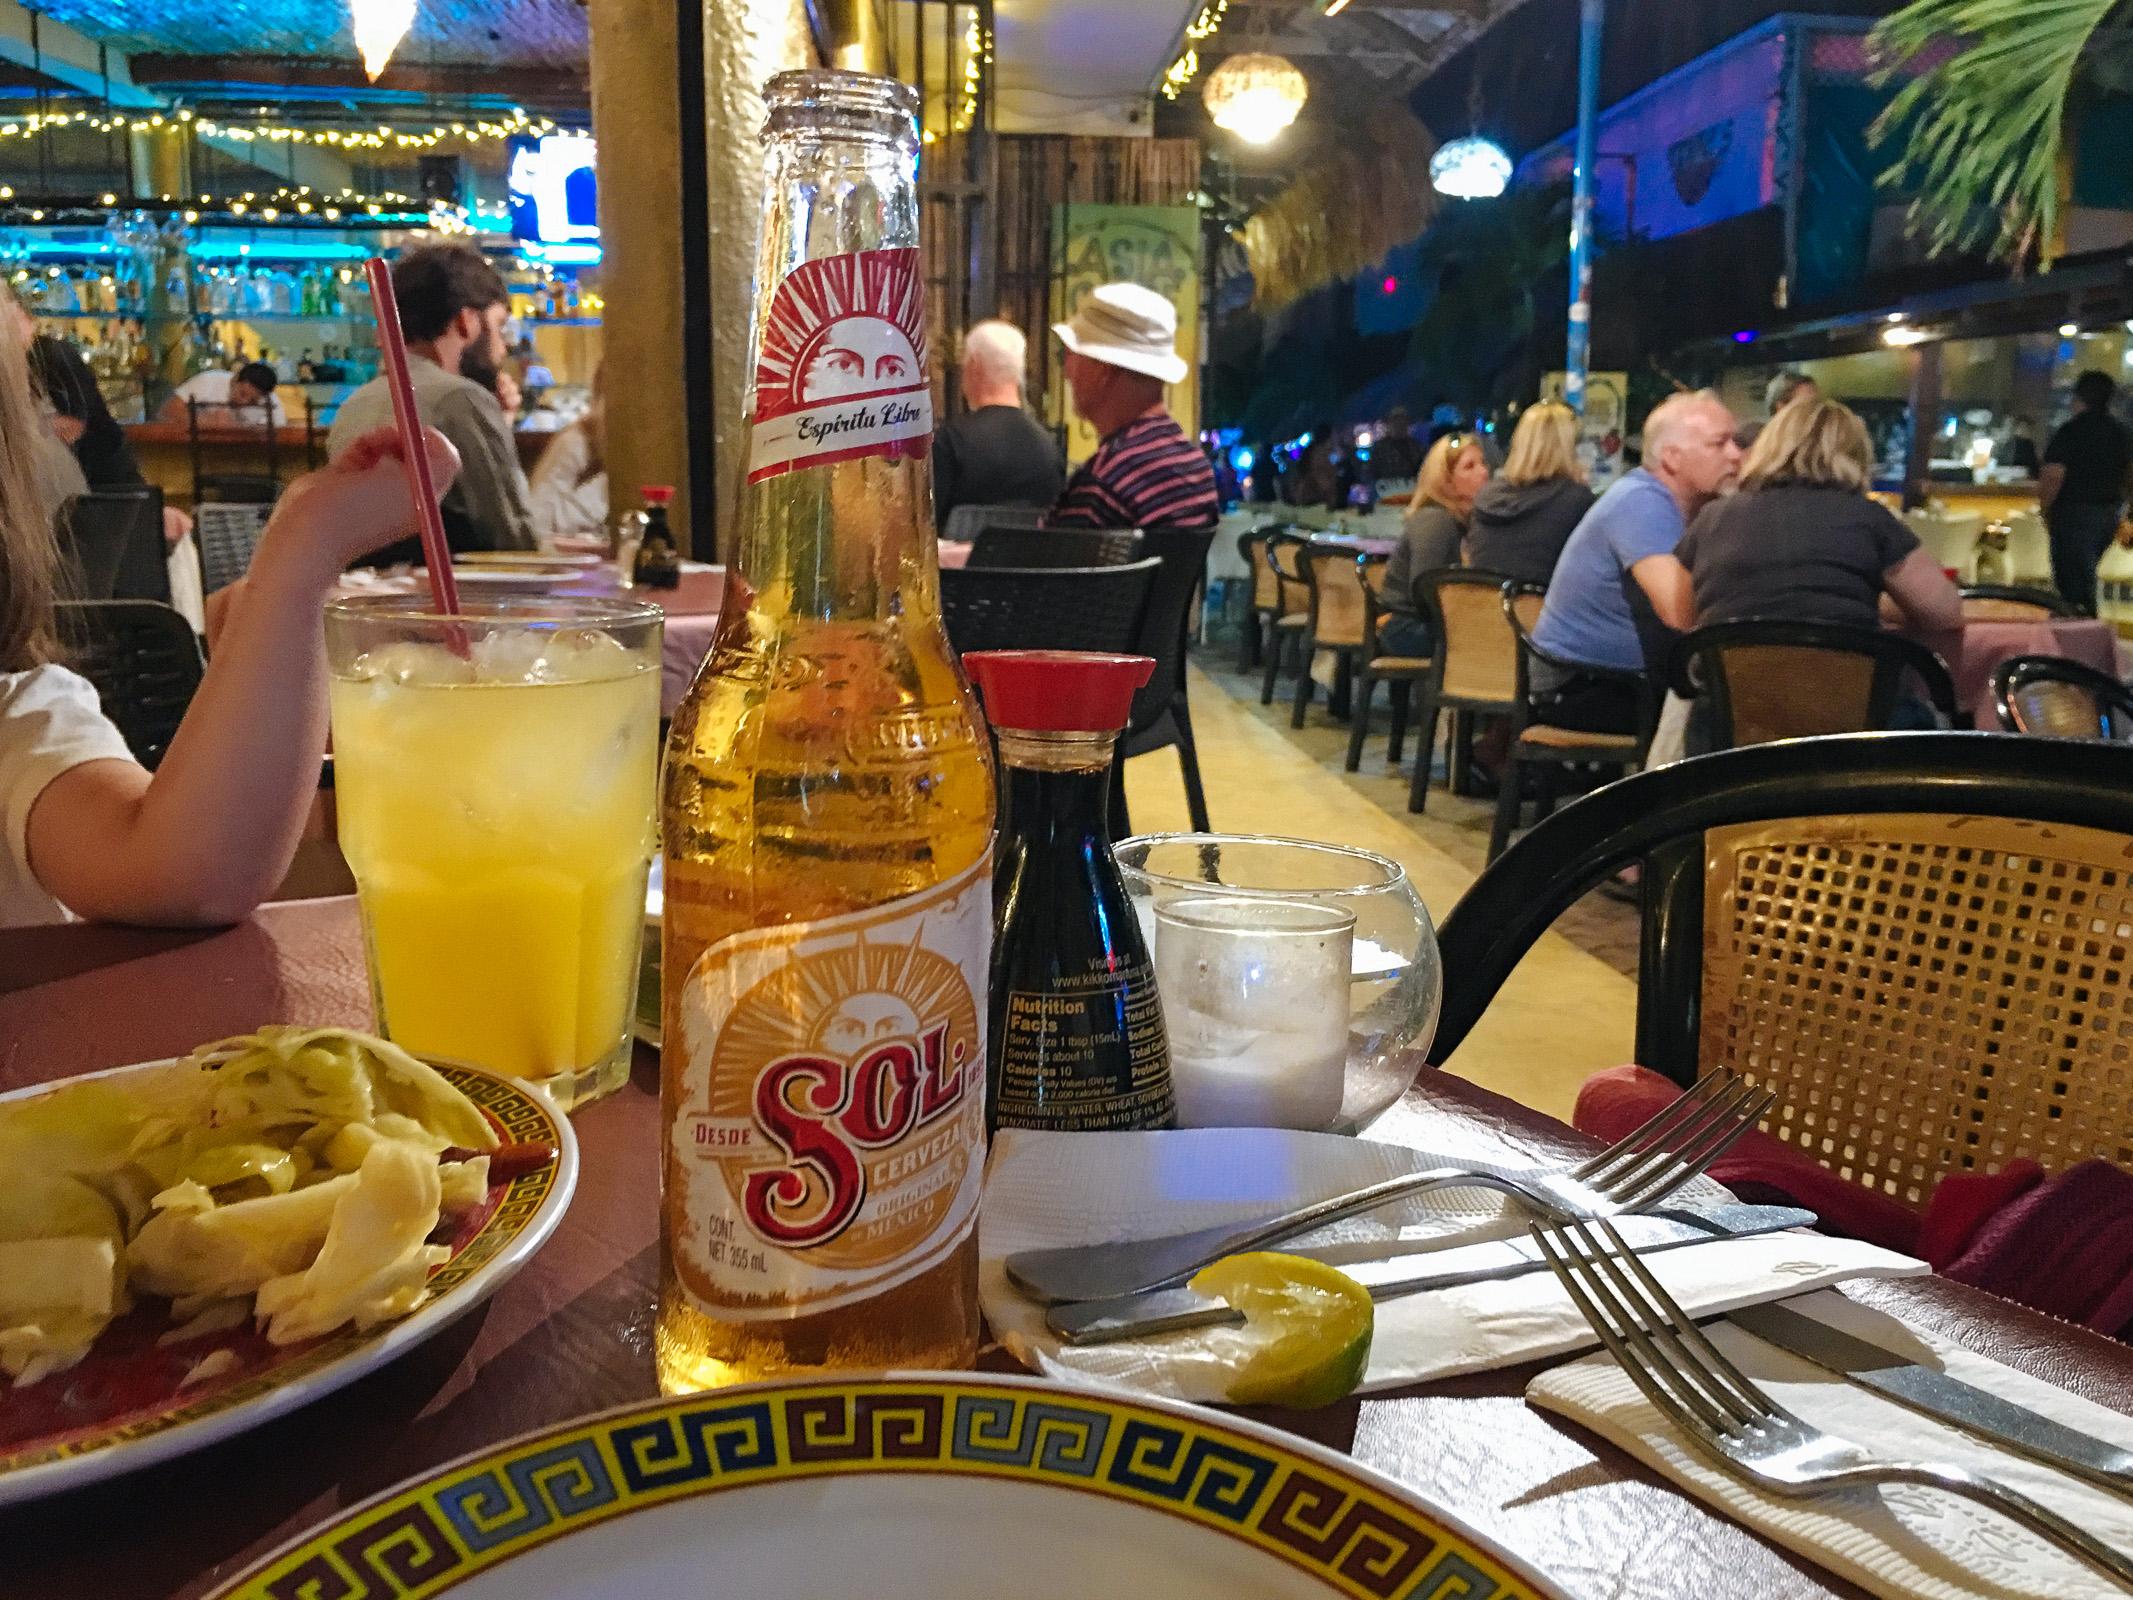 Bierchen neben pickled cabbage beim Asia Caribe